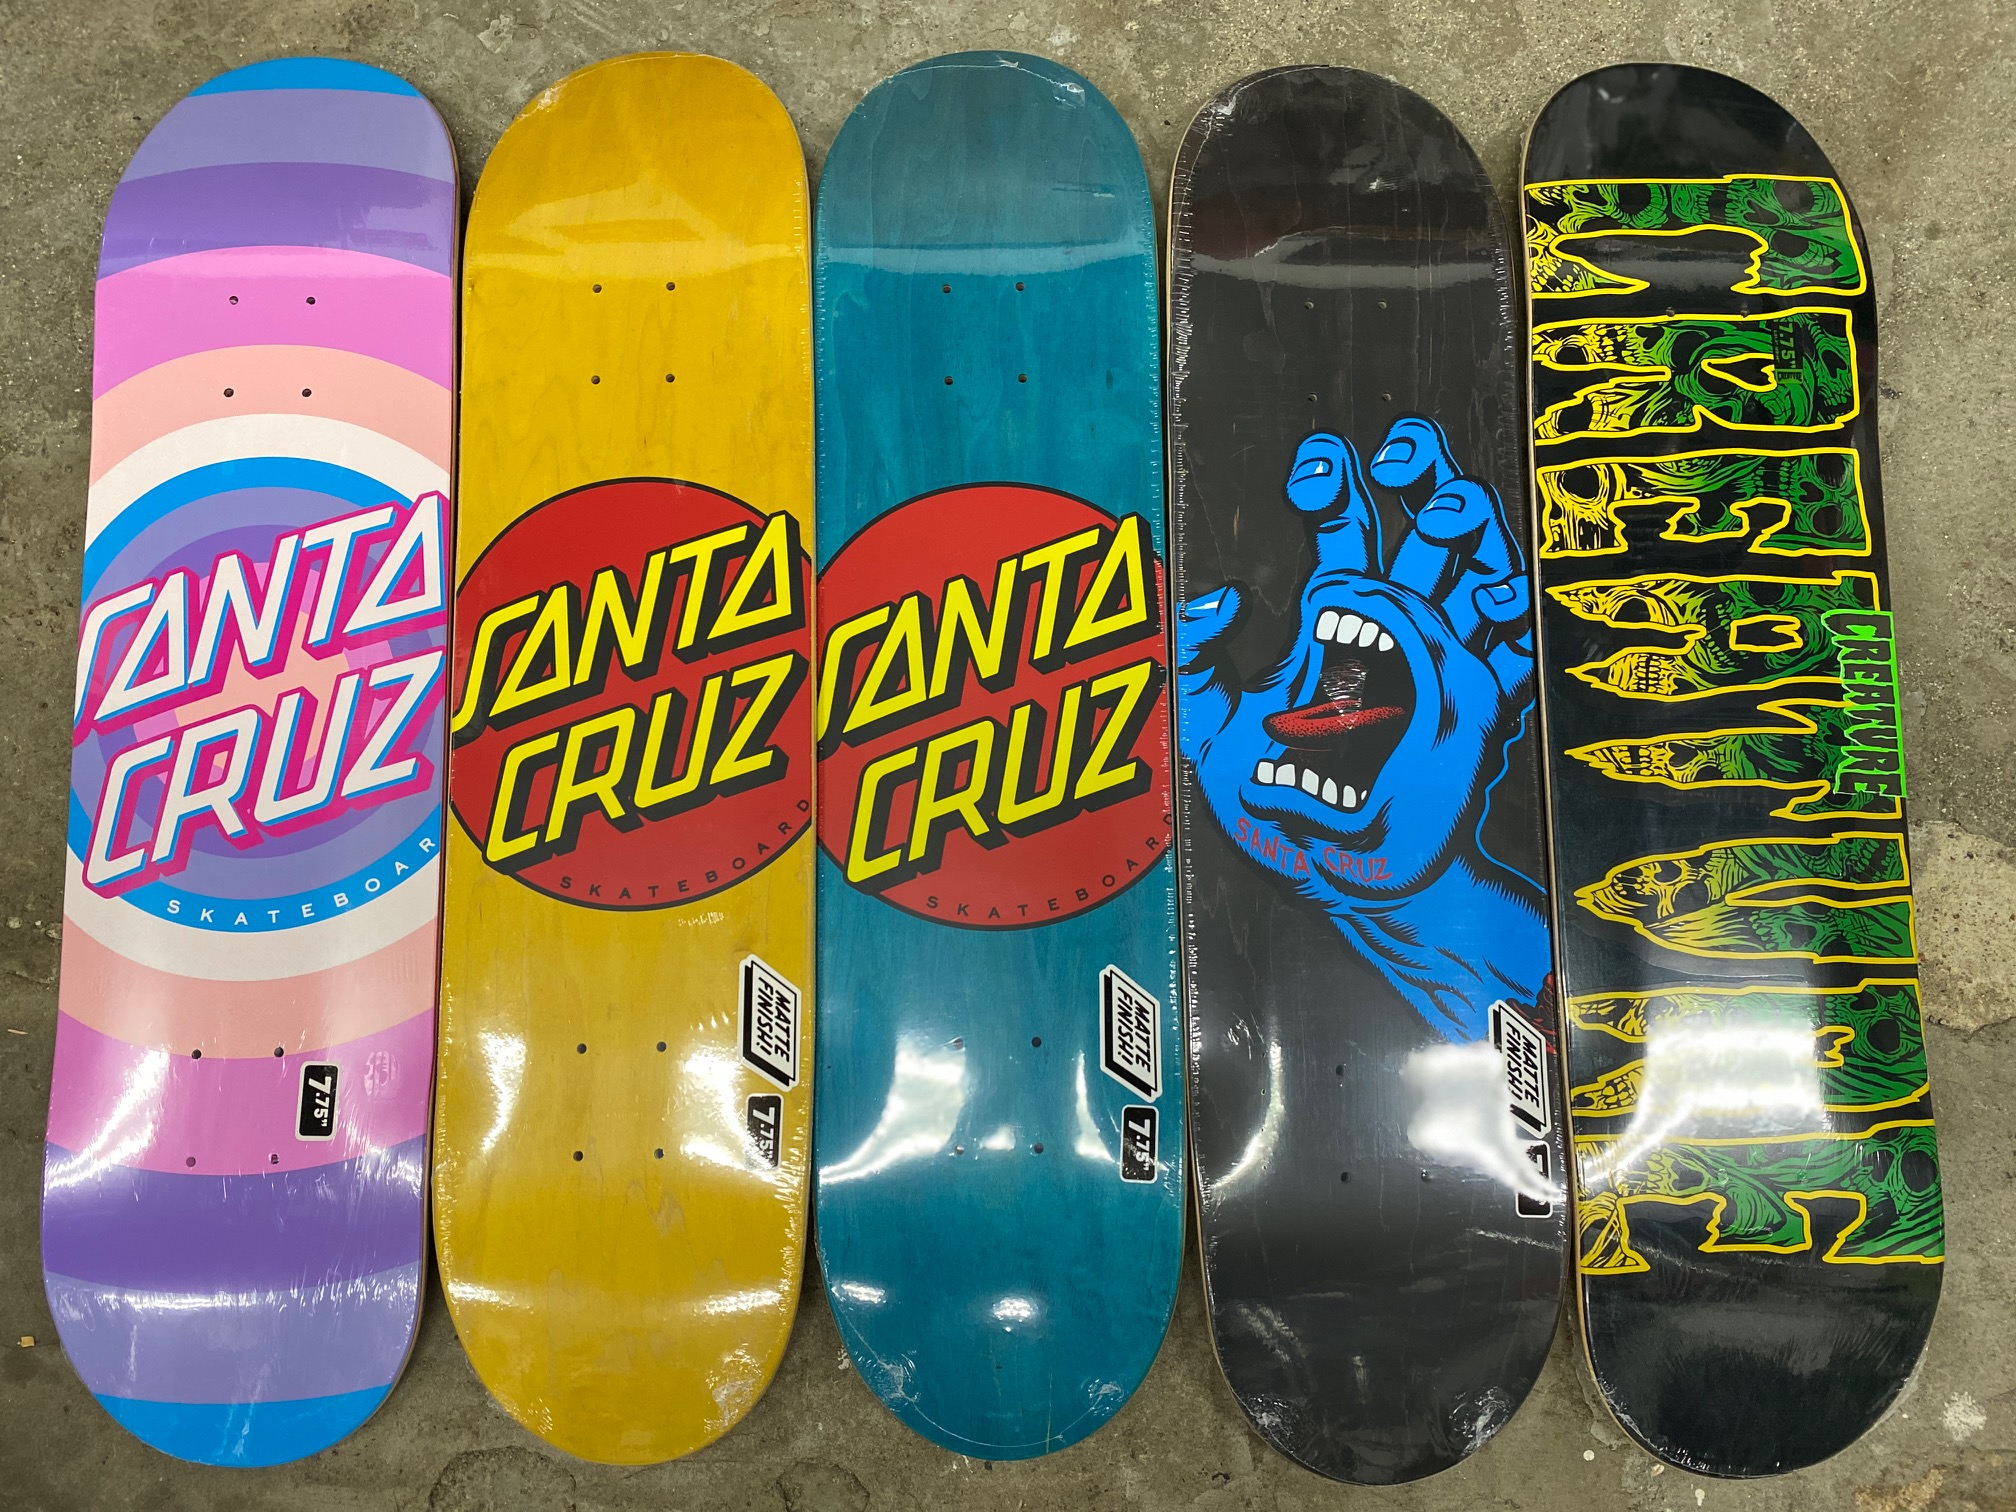 スケートアイテム SANTACRUZ、CREATURE入荷しました!!